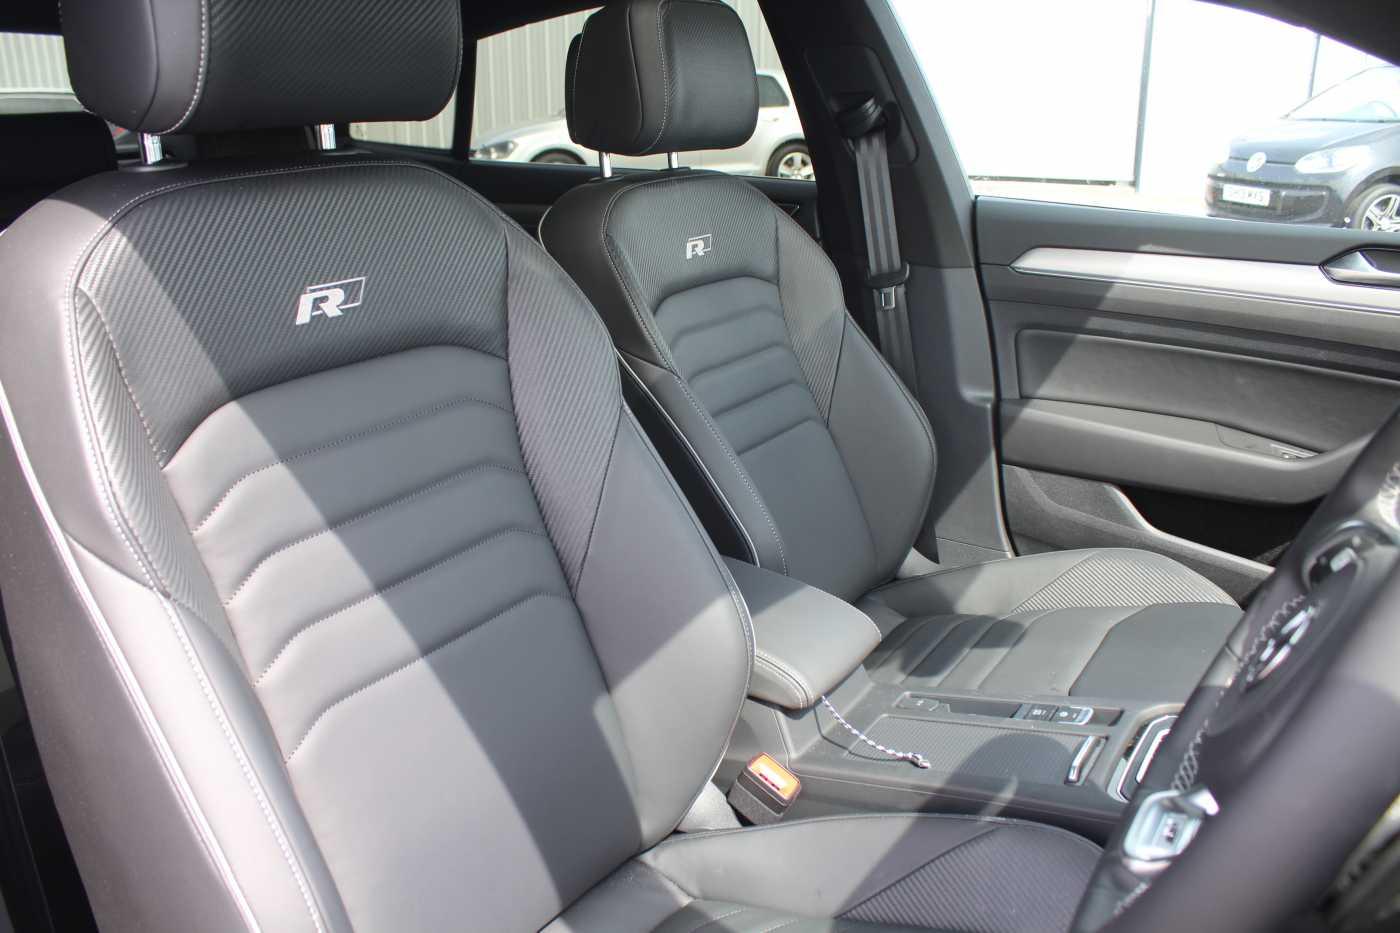 Volkswagen Arteon Images